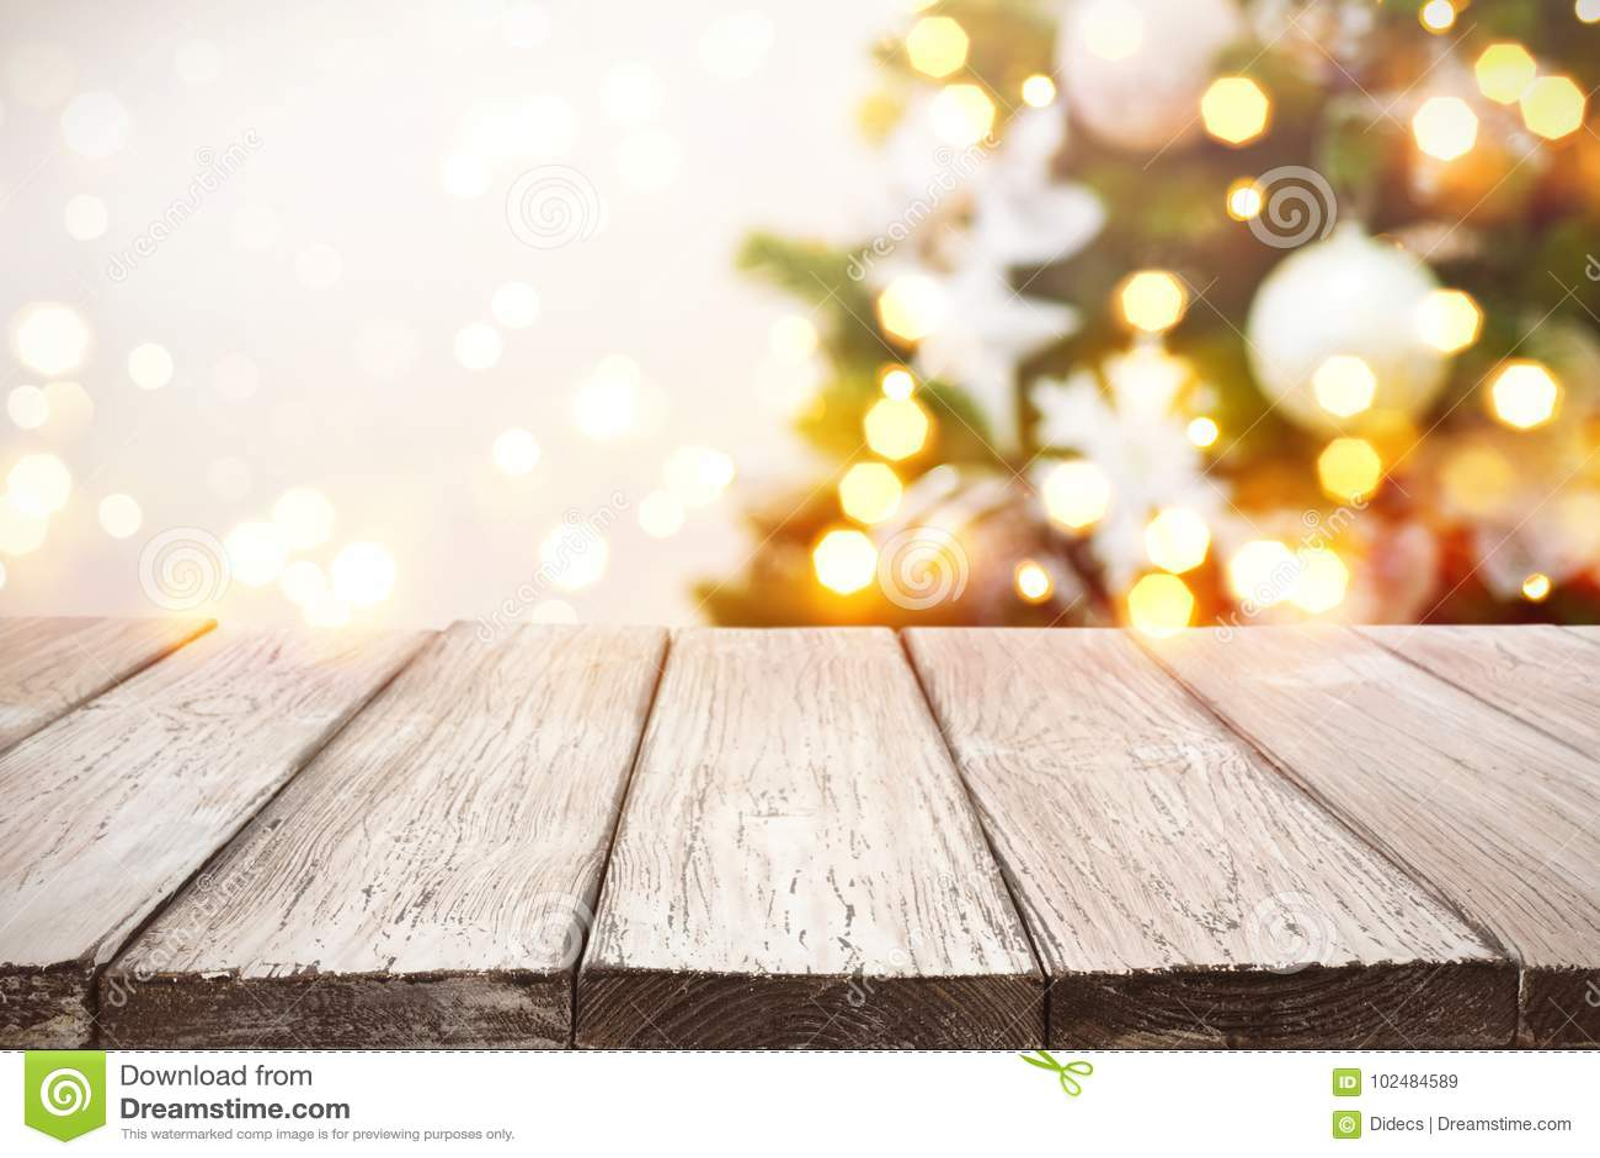 Fundo do Natal Pranchas de madeira sobre luzes borradas da árvore do feriado